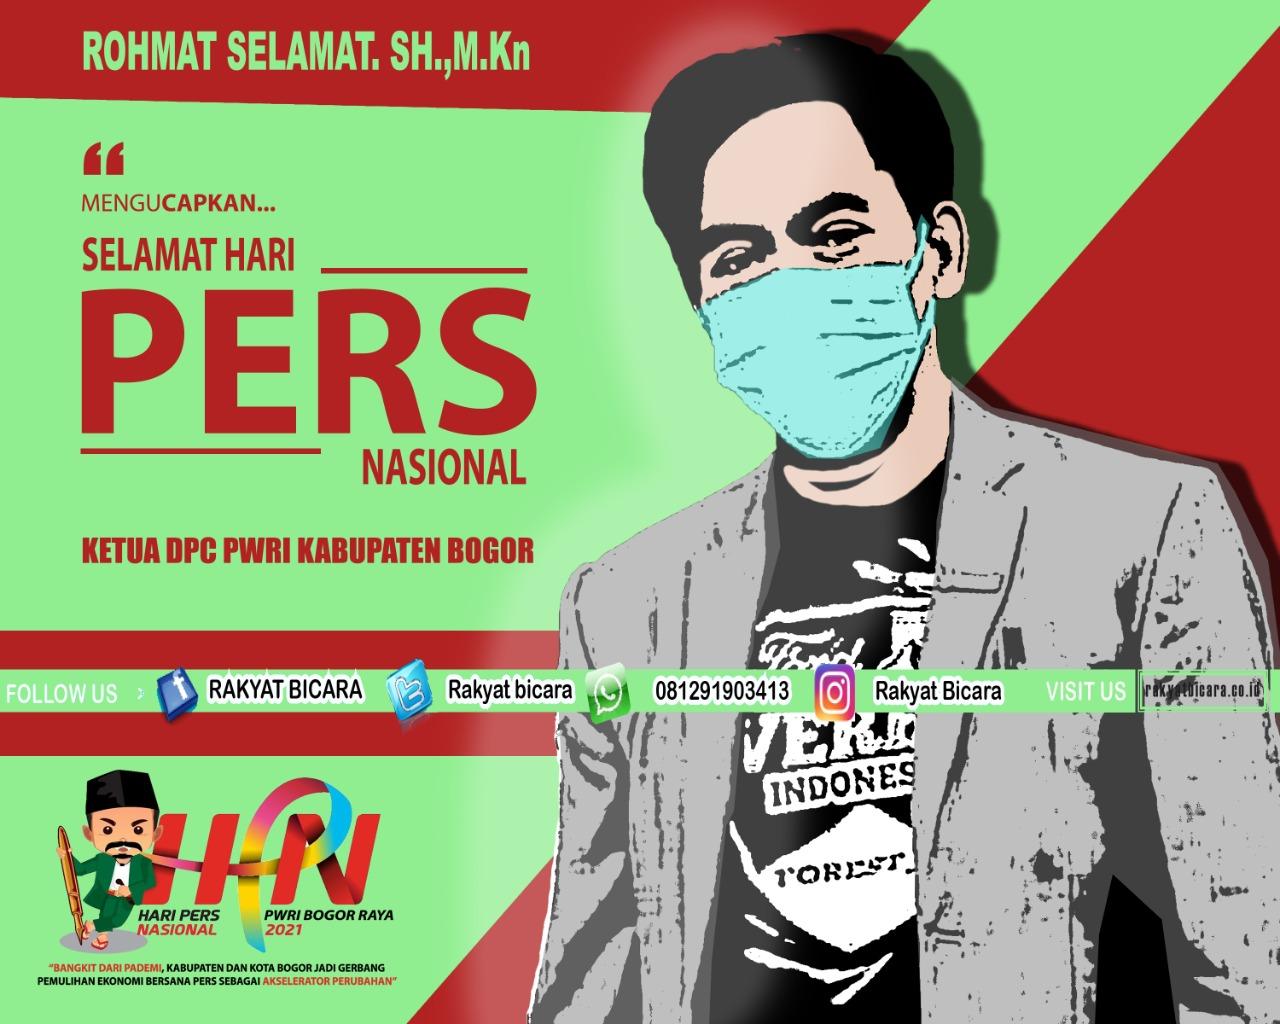 Ketua DPC PWRI Bogor : Instansi Pemerintah Harus Bersinergi Dengan Wartawan/Pers